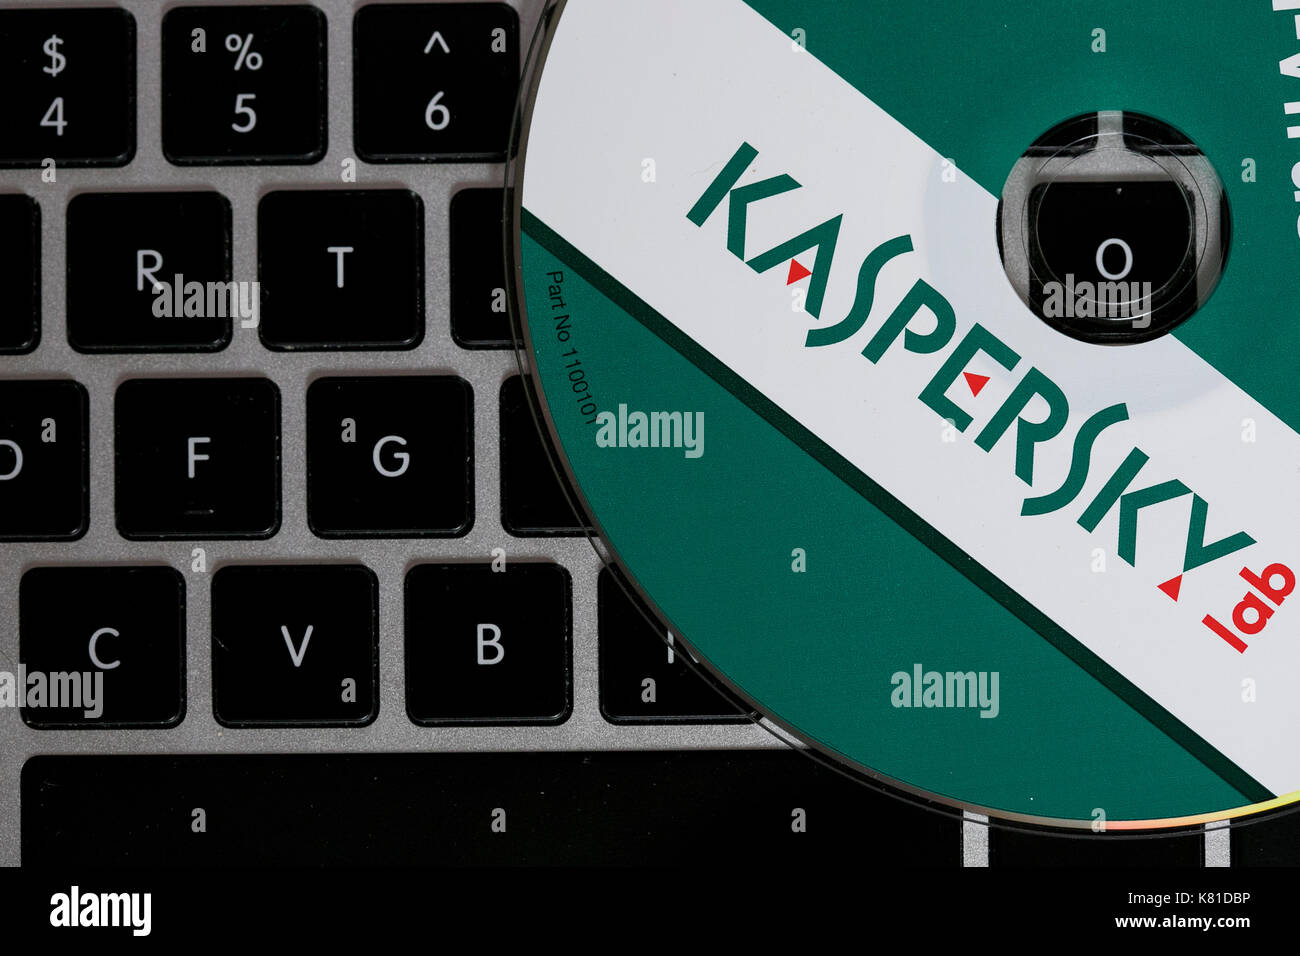 Kaspersky Lab Internet Security und Anti-Virus-Software Produkte. Die russischen Software-hersteller ist unter Nachforschung Stockbild